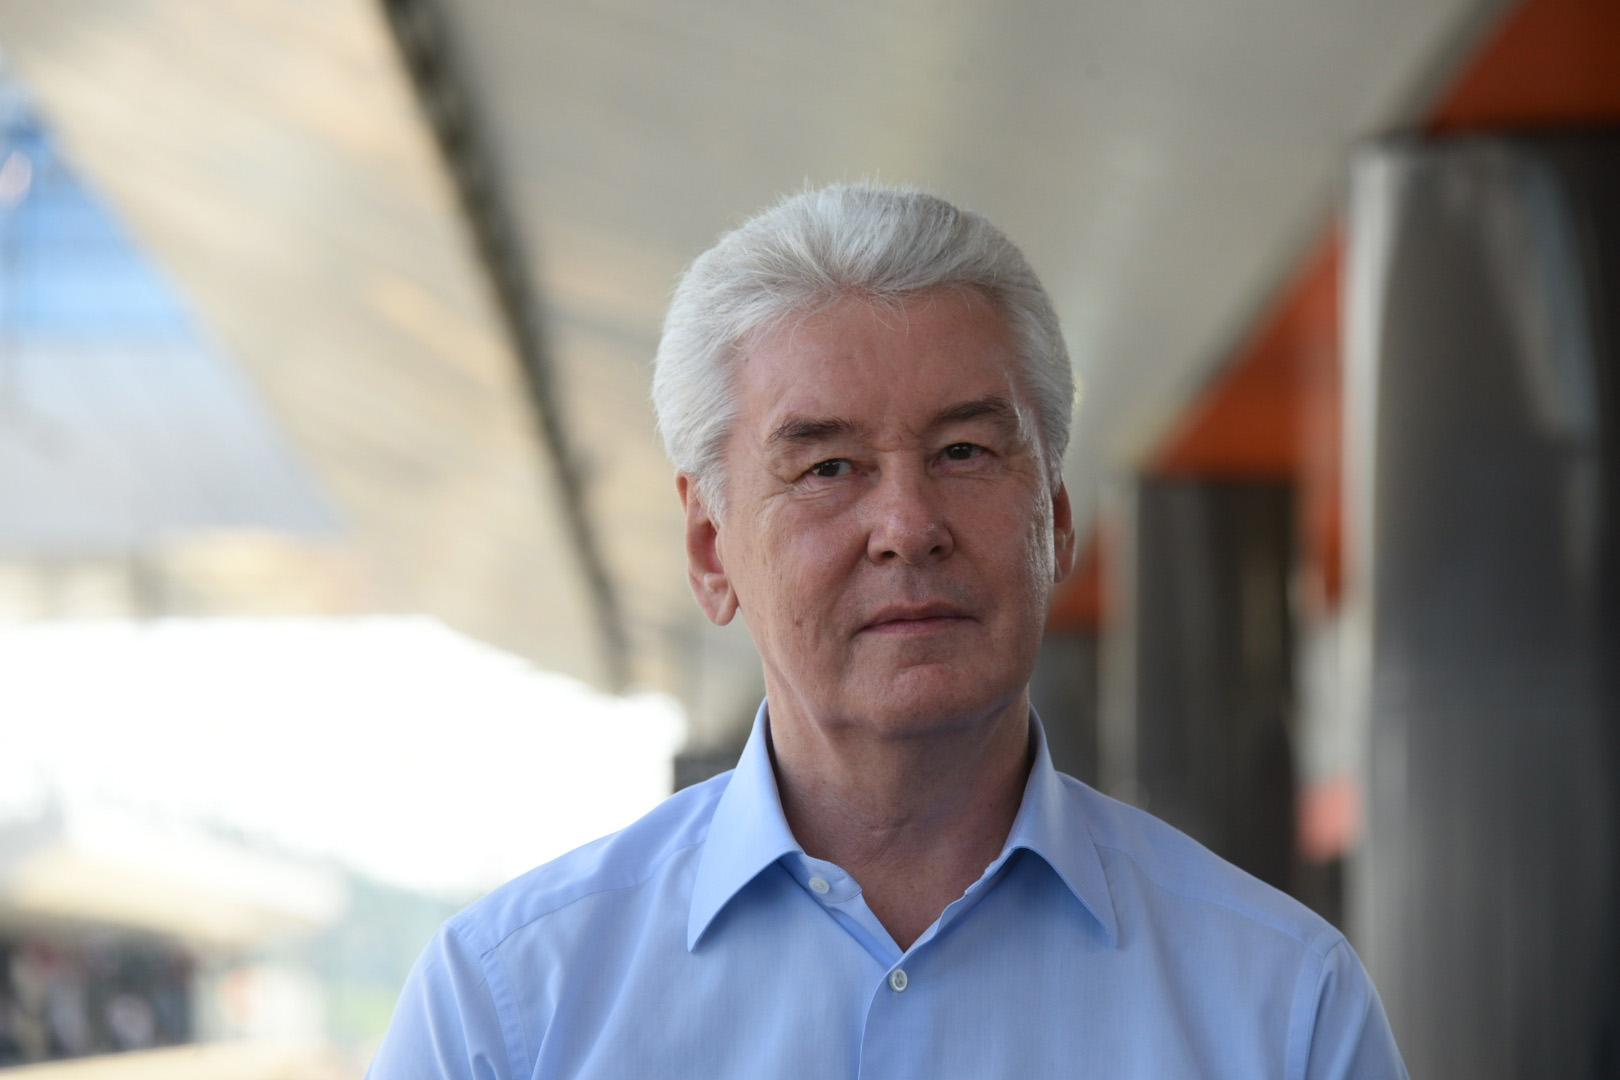 Сергей Собянин пообещал 15 мини-вокзалов в Москве и Подмосковье за год